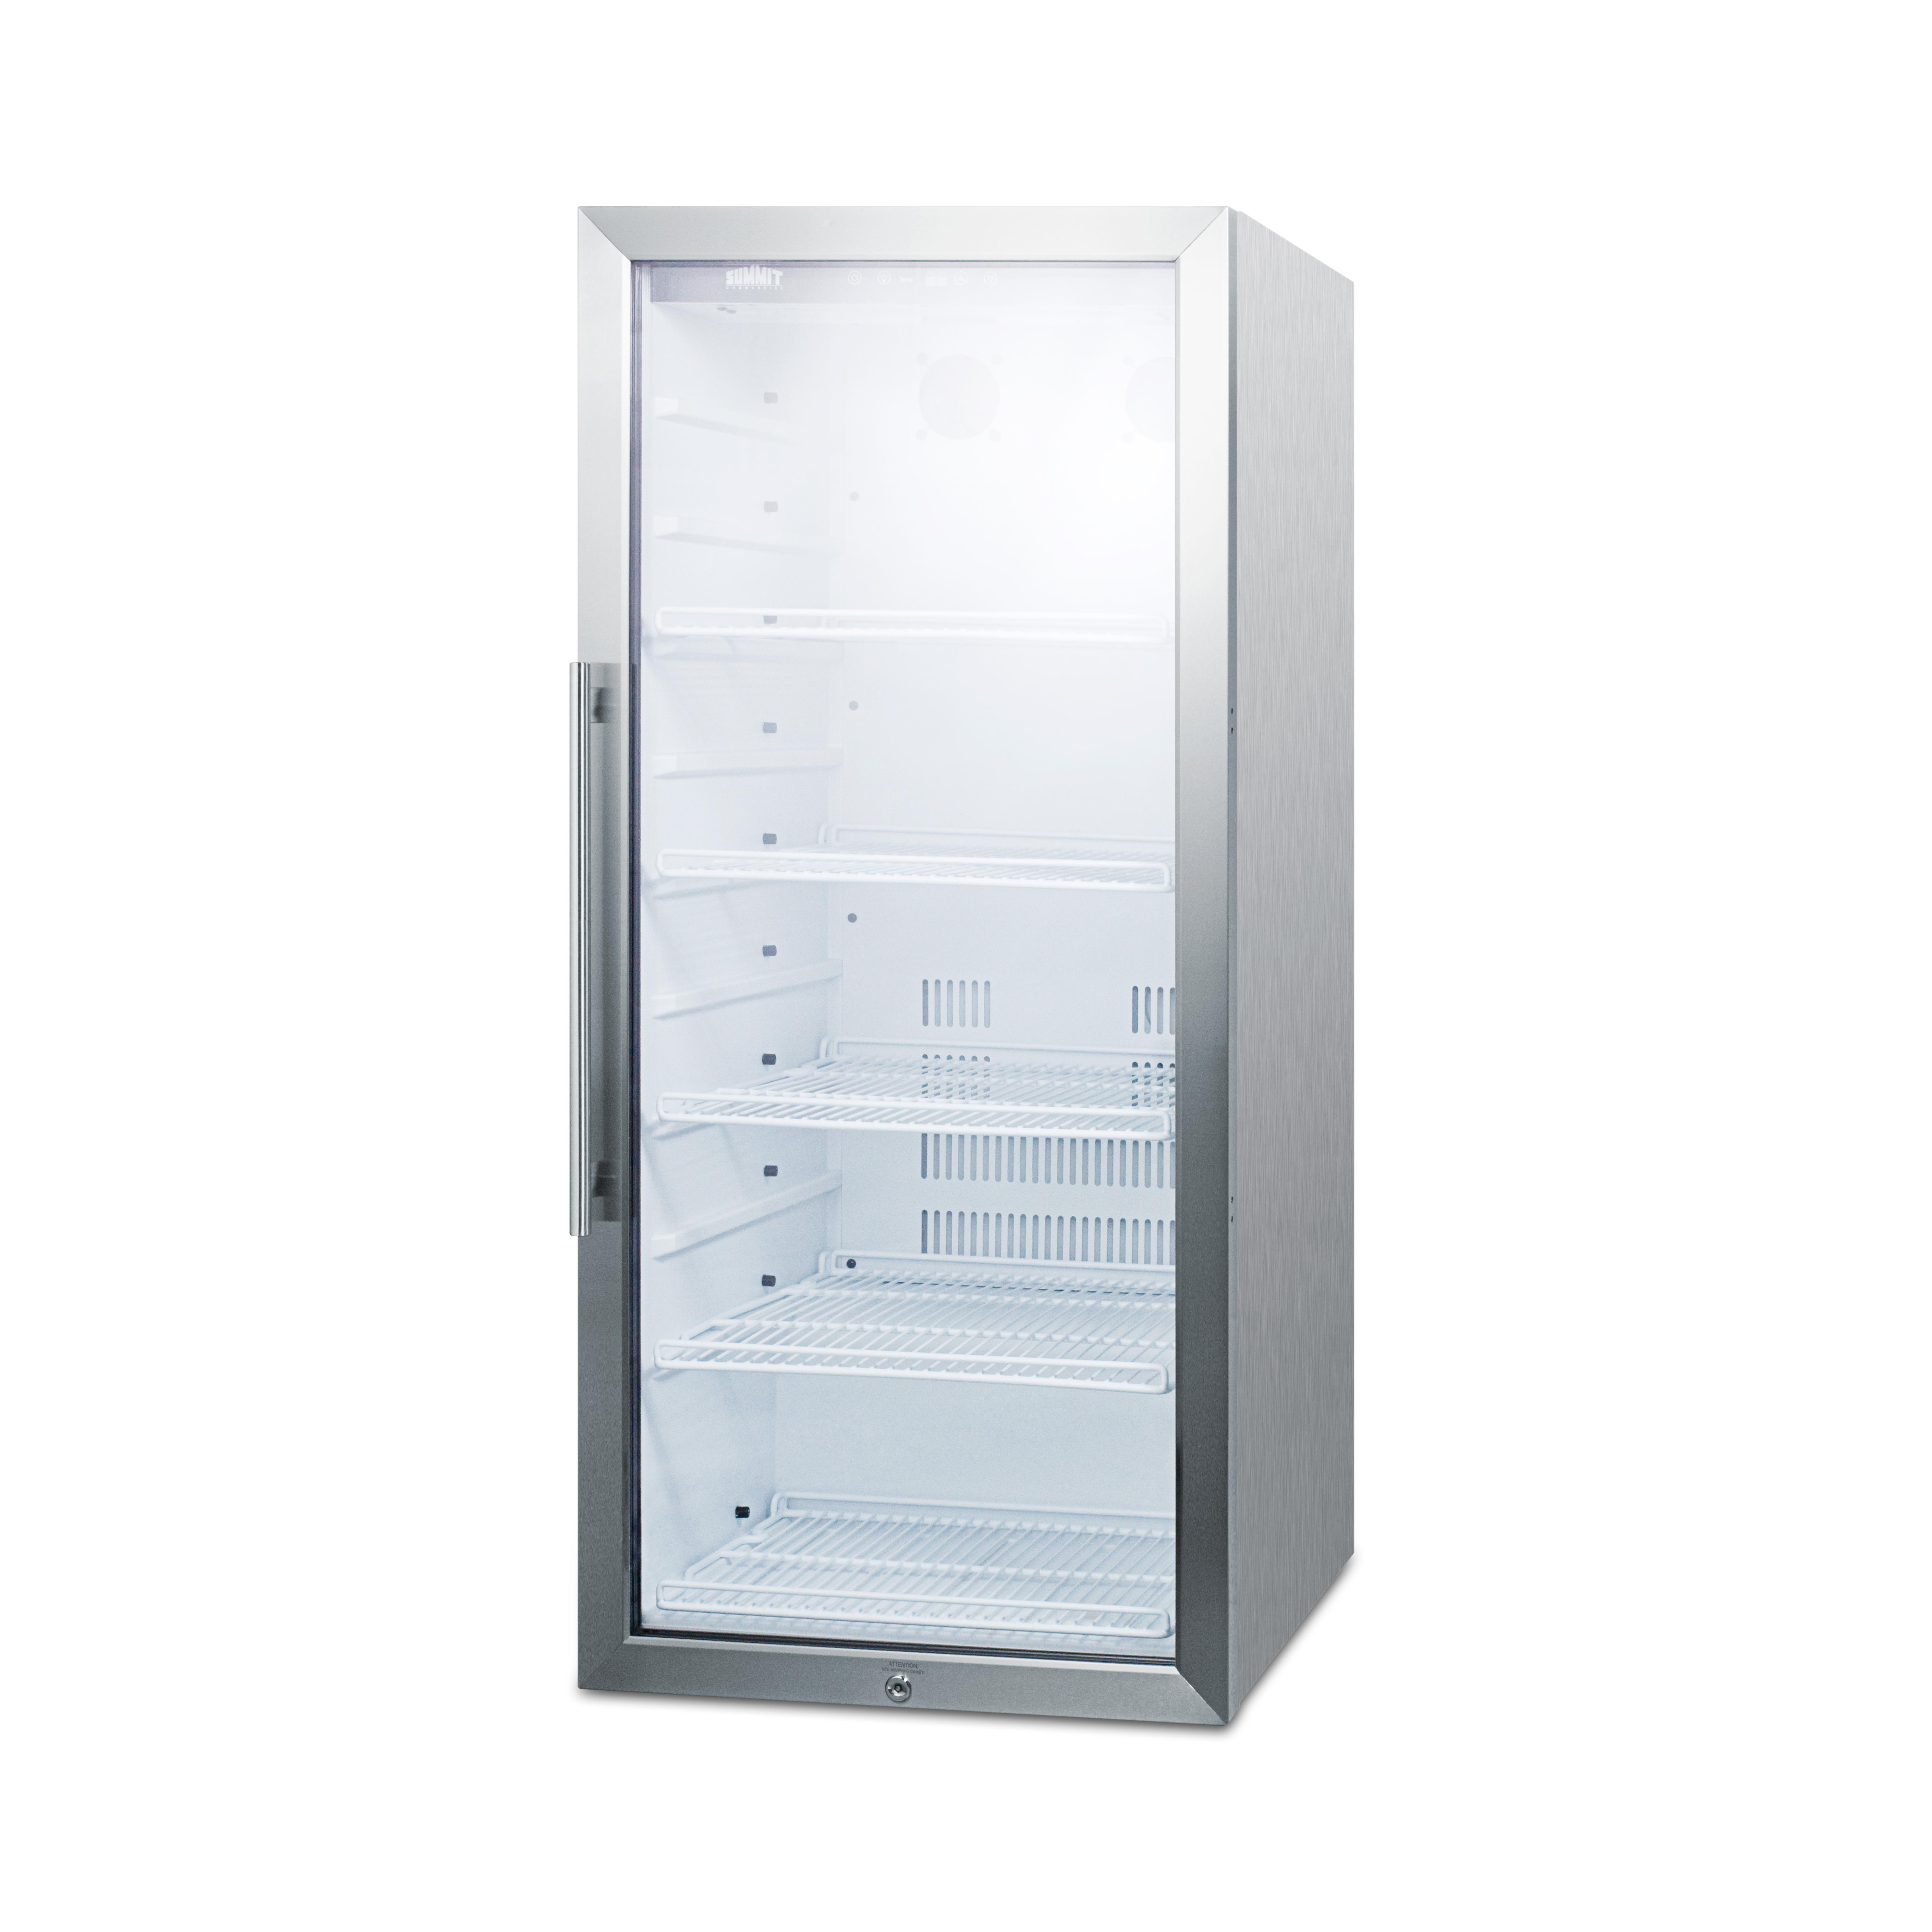 Summit Appliance SCR1006CSS refrigerator, merchandiser